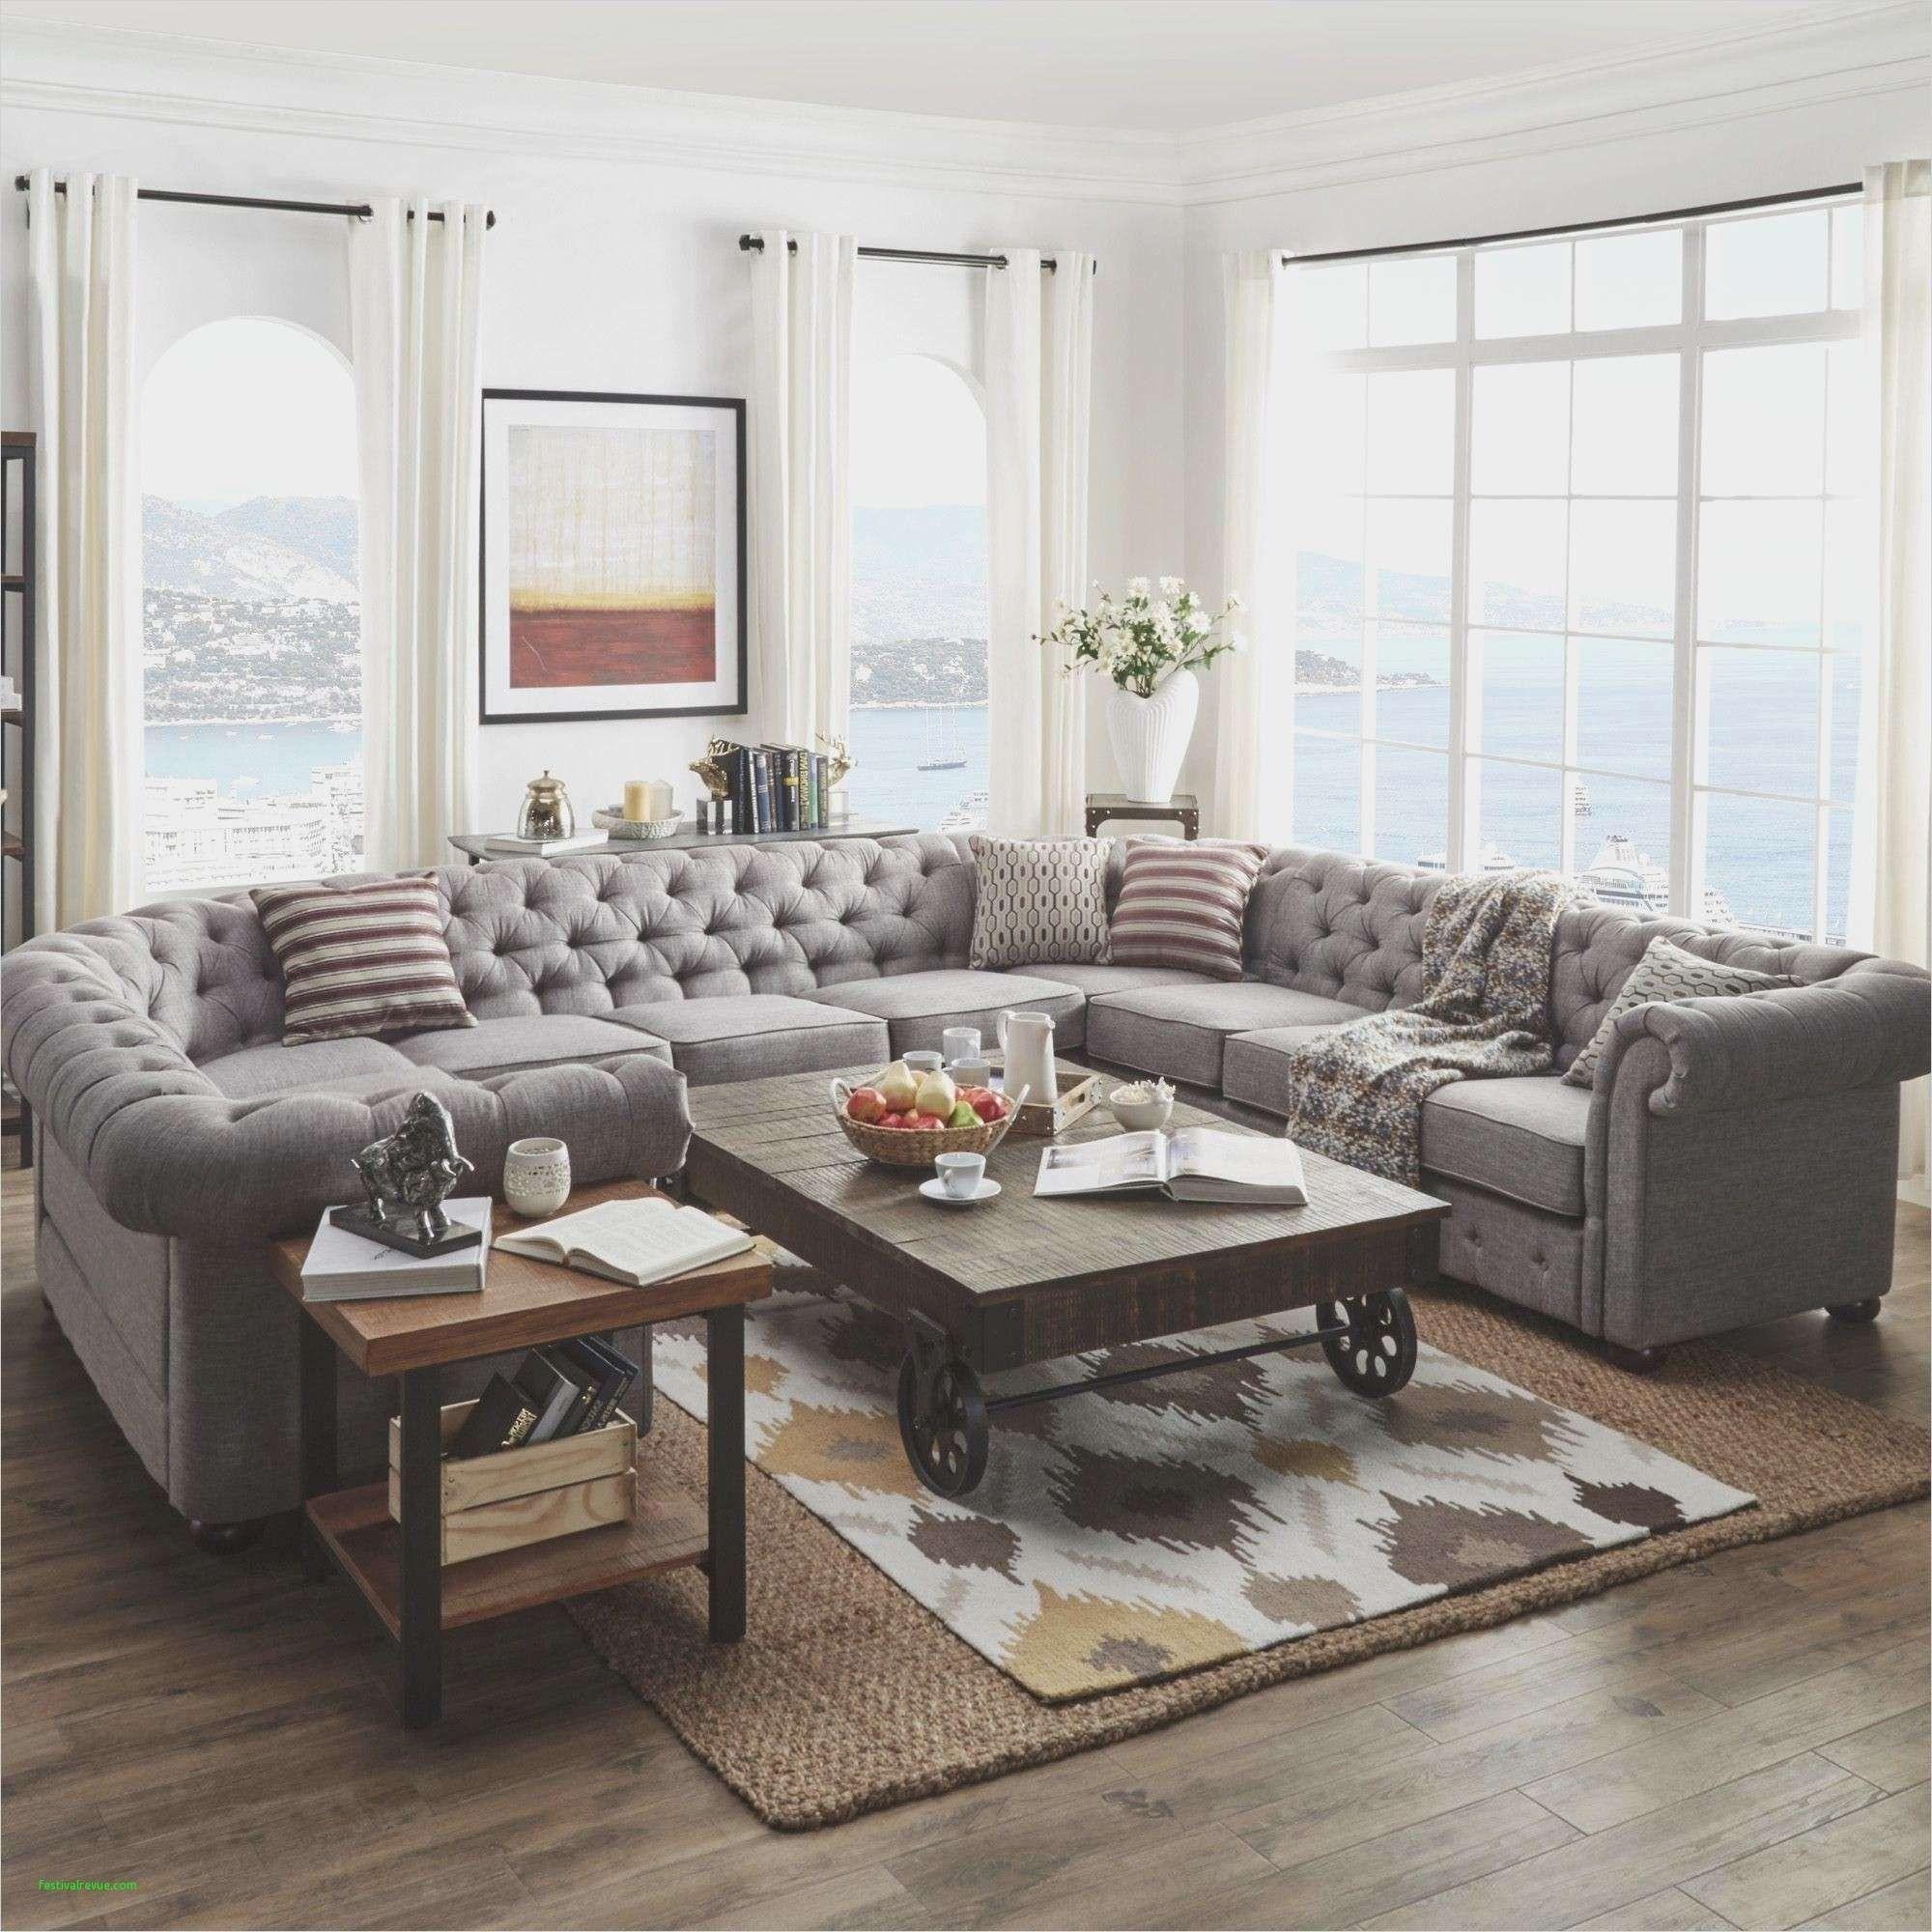 Fresh Modern Home Dekorationsideen Bilder | Luxus ...